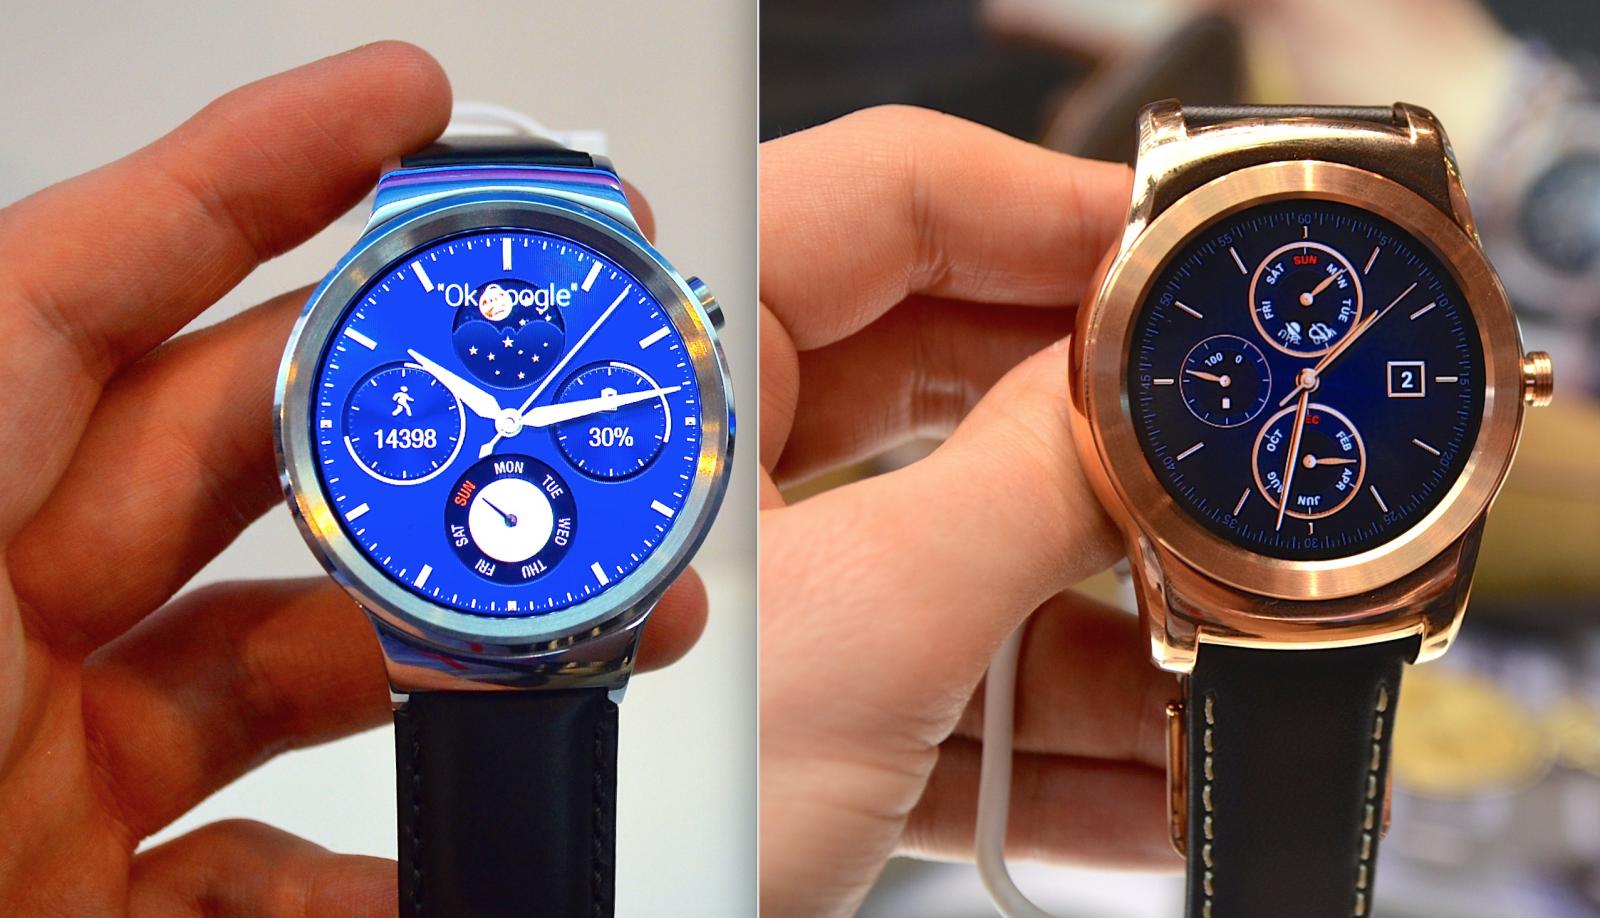 Huawei Watch and LG Watch Urbane